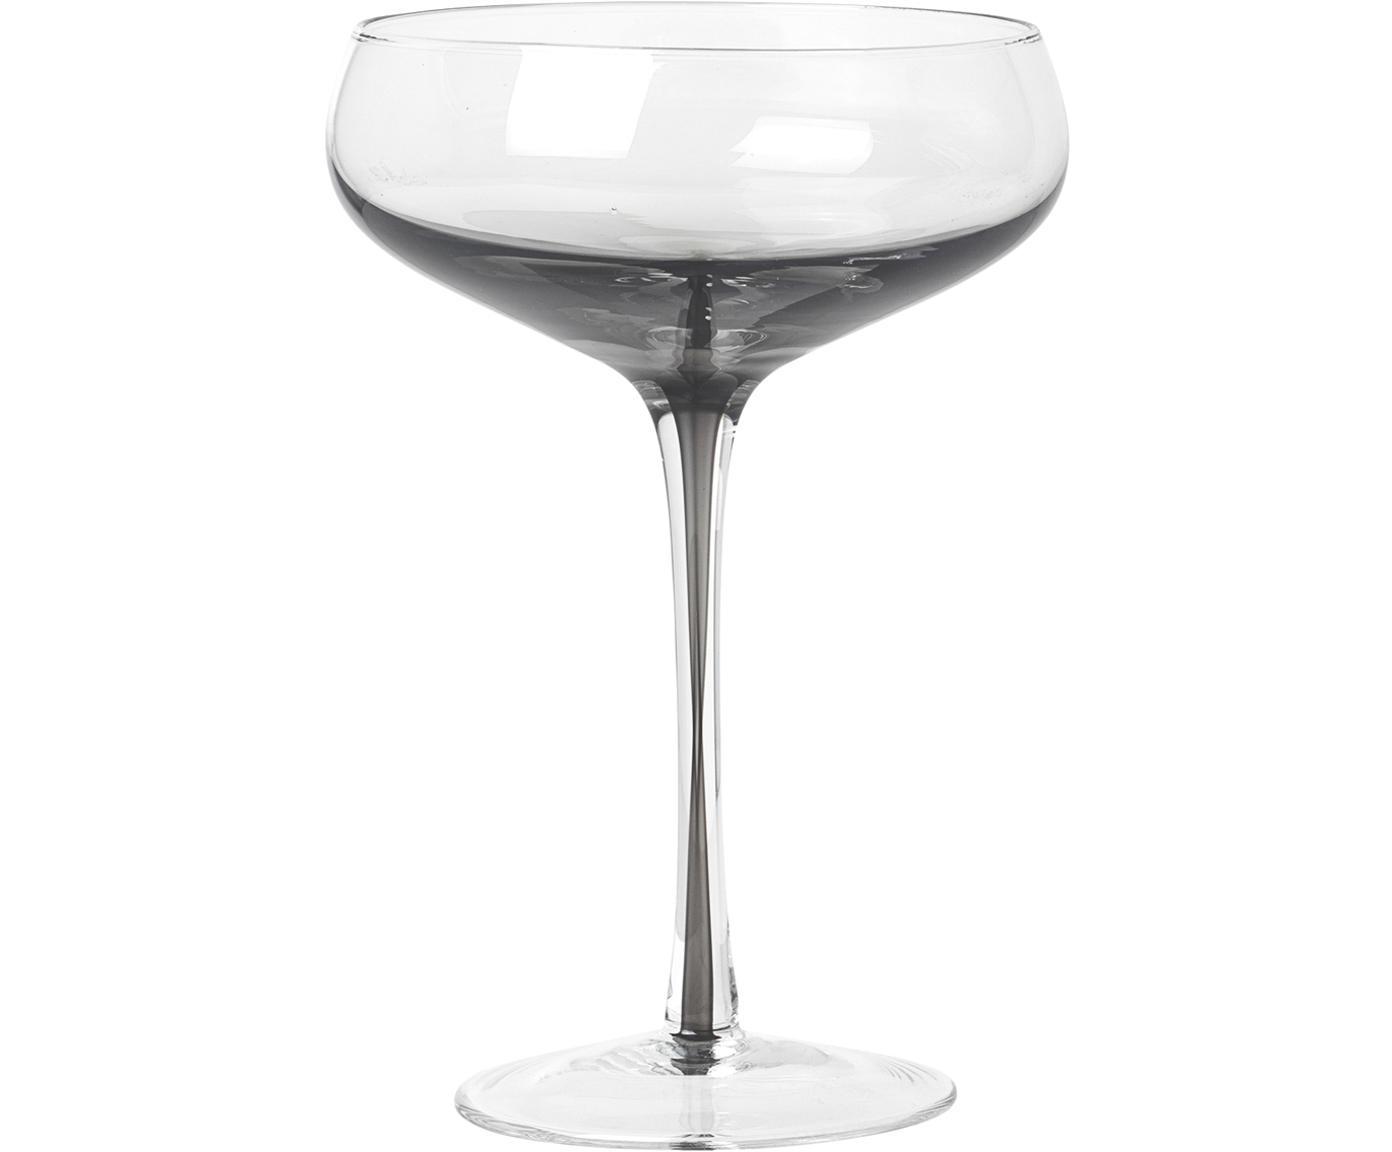 Kieliszek do szampana ze szkła dmuchanego Smoke, 4 szt., Szkło, Transparentny, ciemnyszary, Ø 11 x W 16 cm